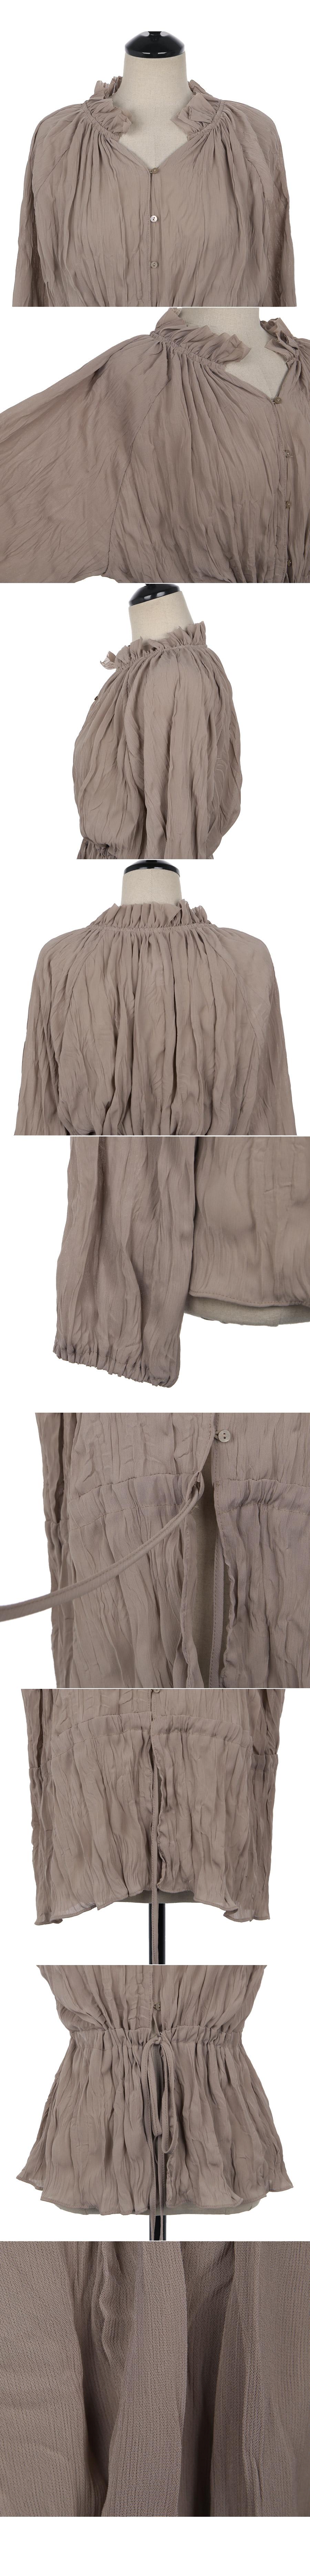 Wrinkle wrinkle bl brown